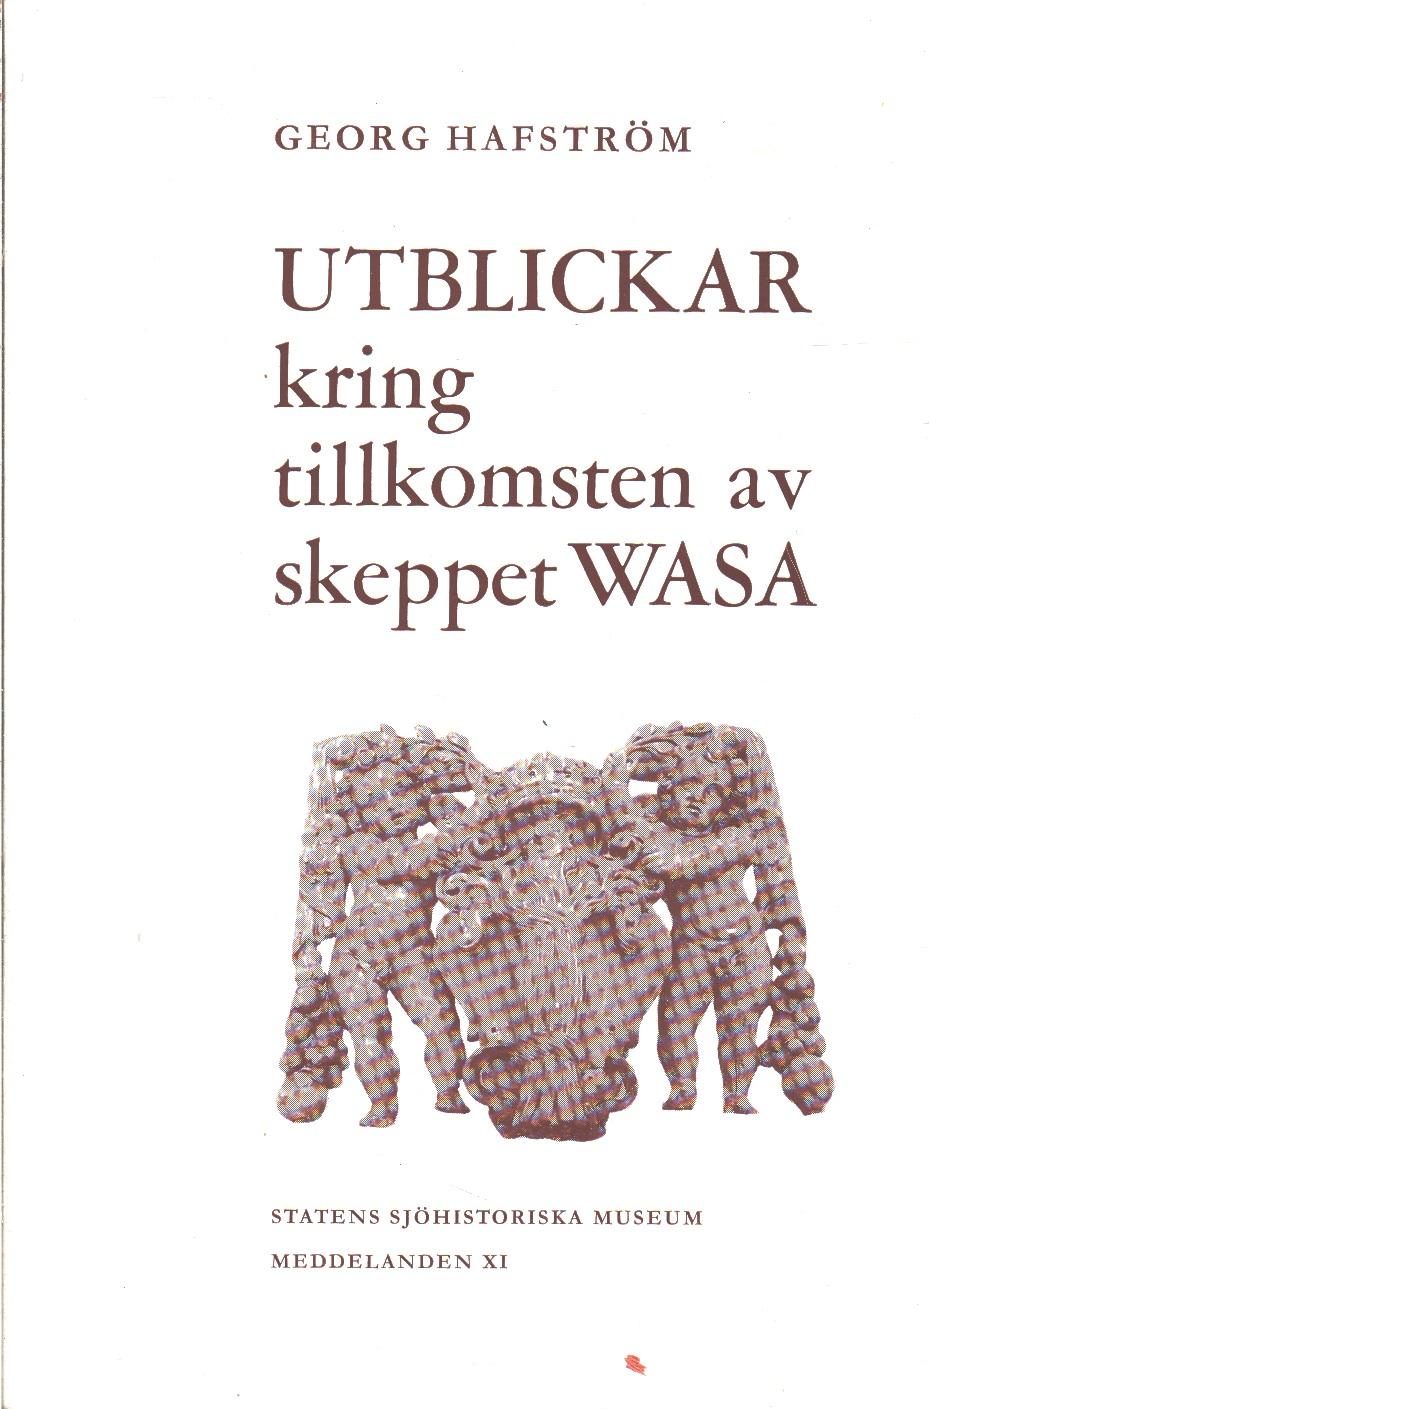 Utblickar kring tillkomsten av skeppet Wasa - Hafström, Georg